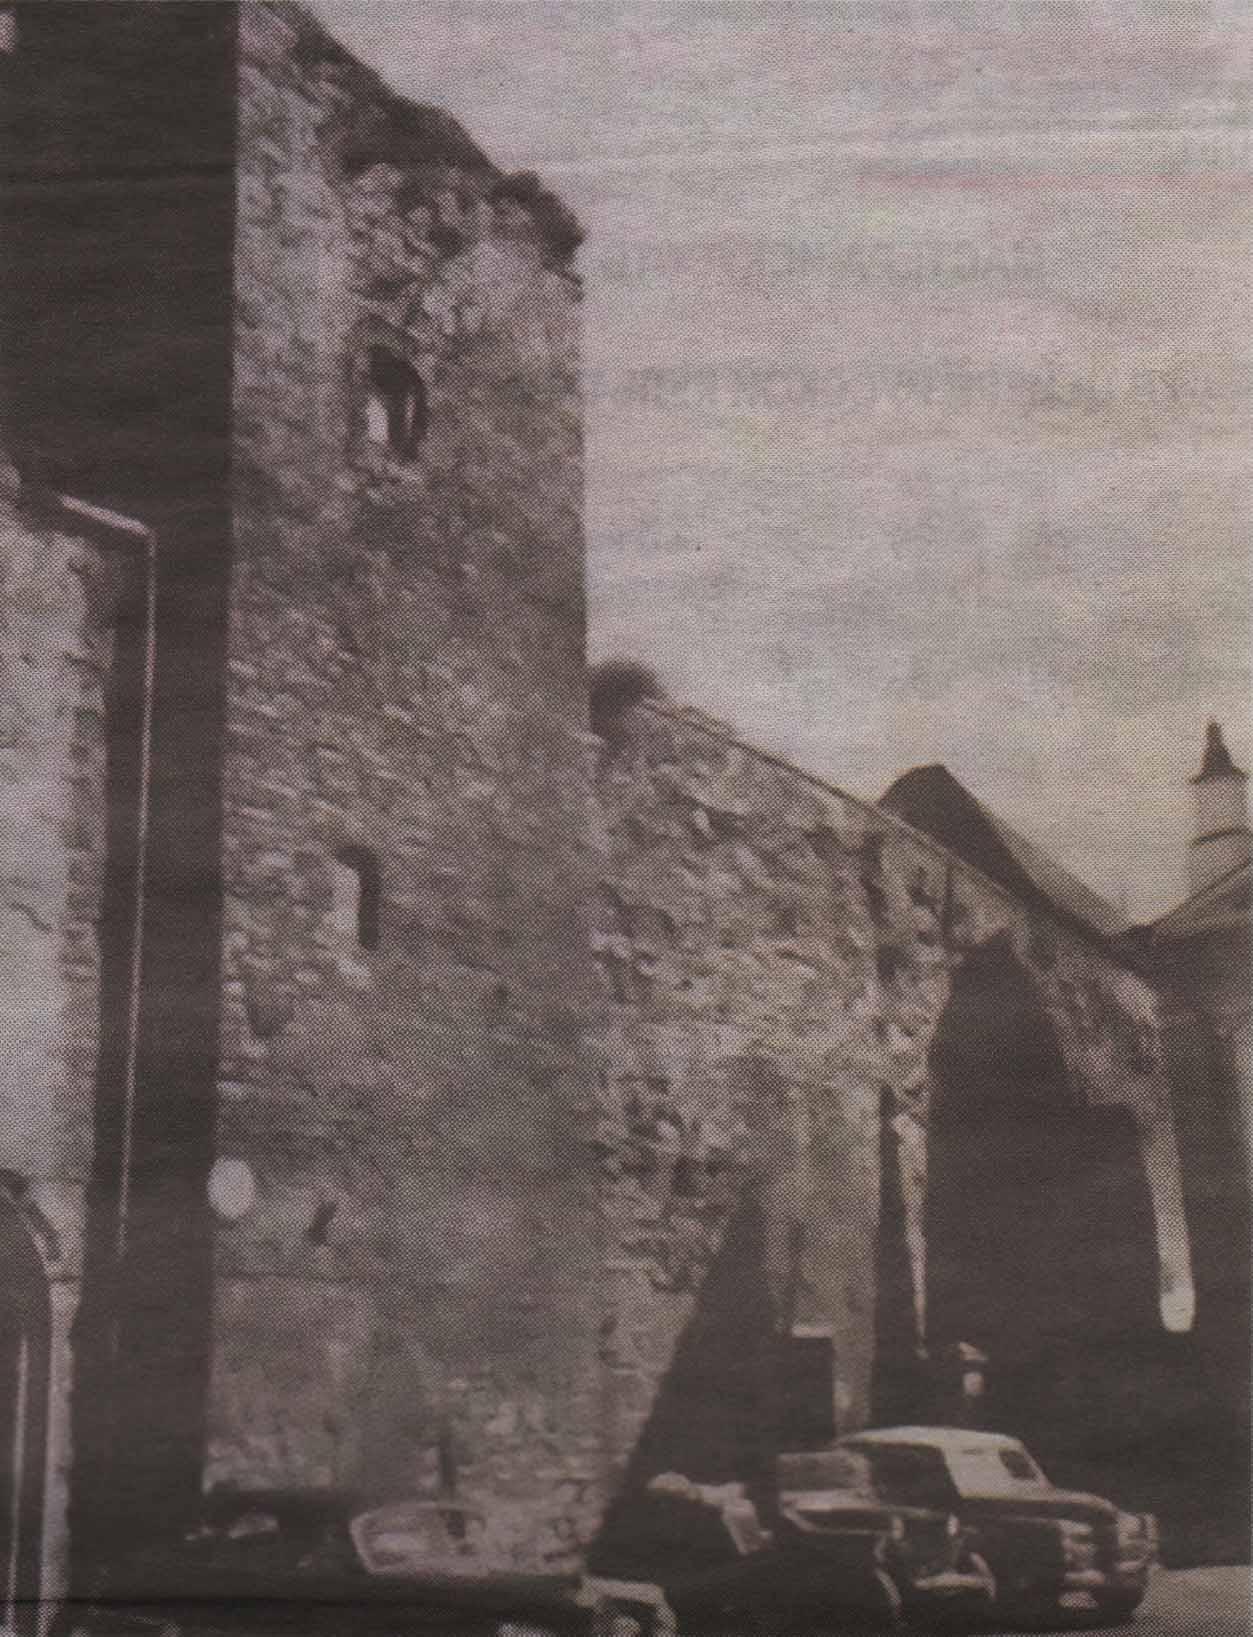 Бременская башня до реставрации. Фото пятидесятых годовпрошлого века.